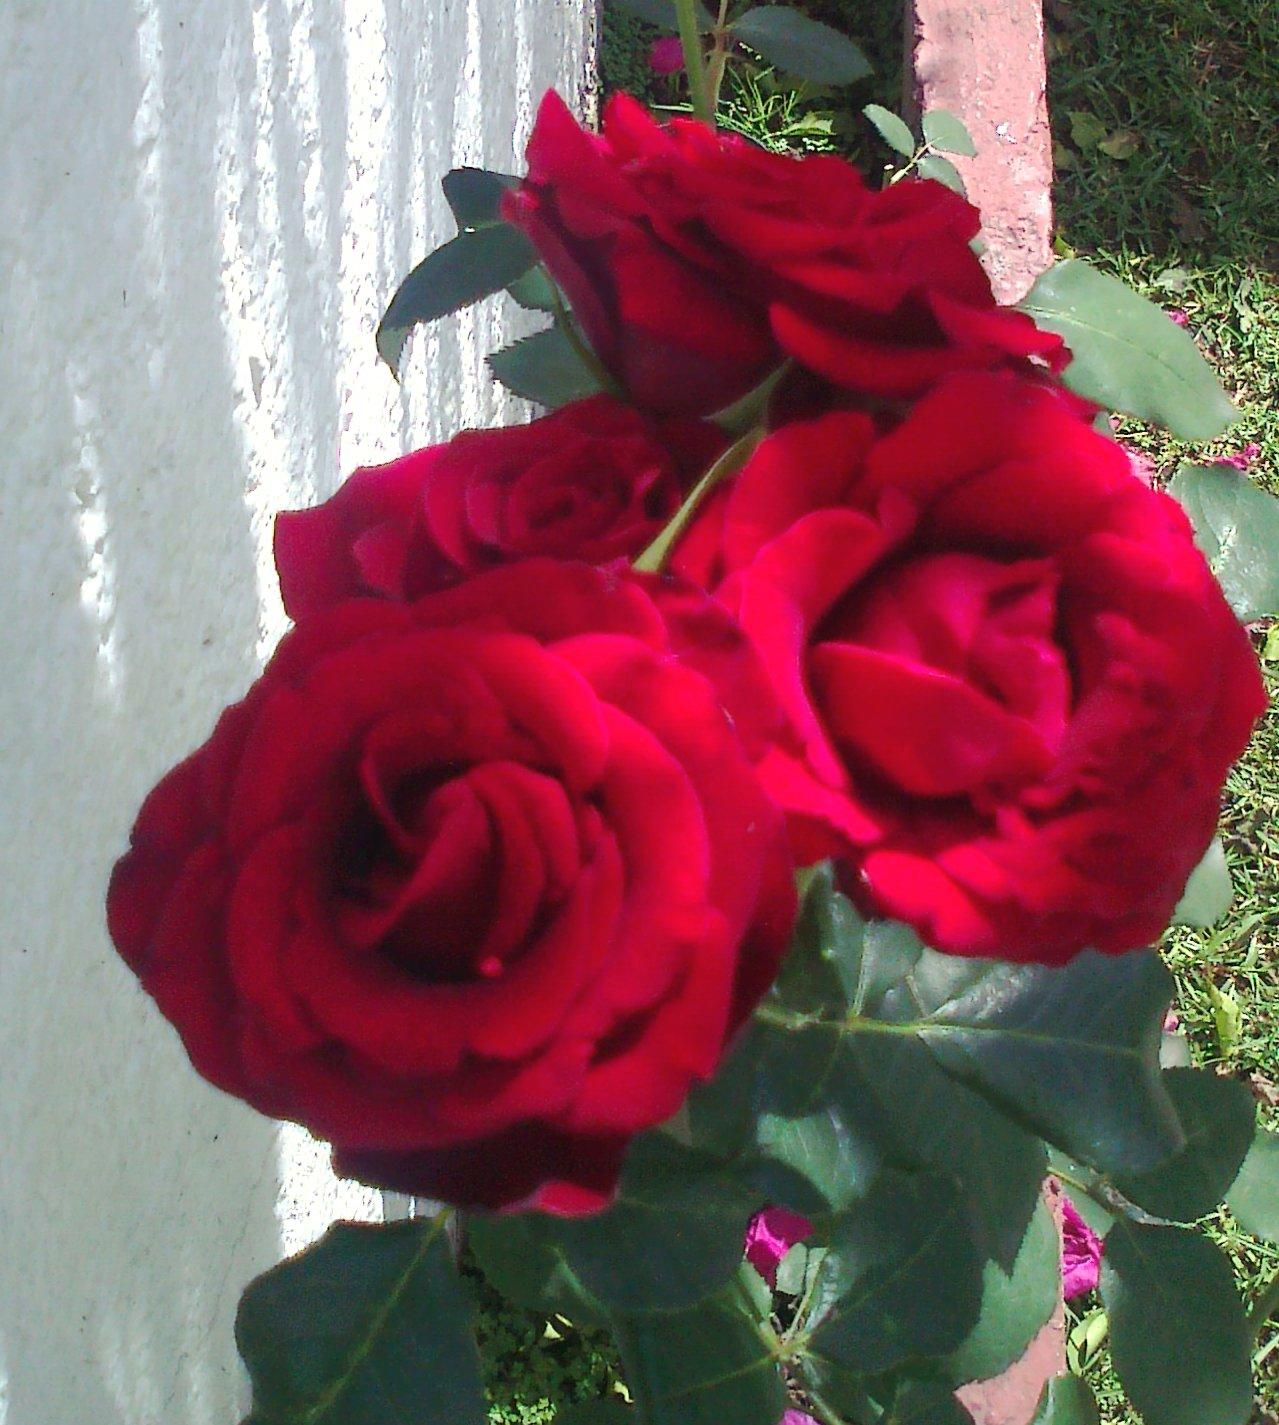 Hechizo de amor con rosas rojas